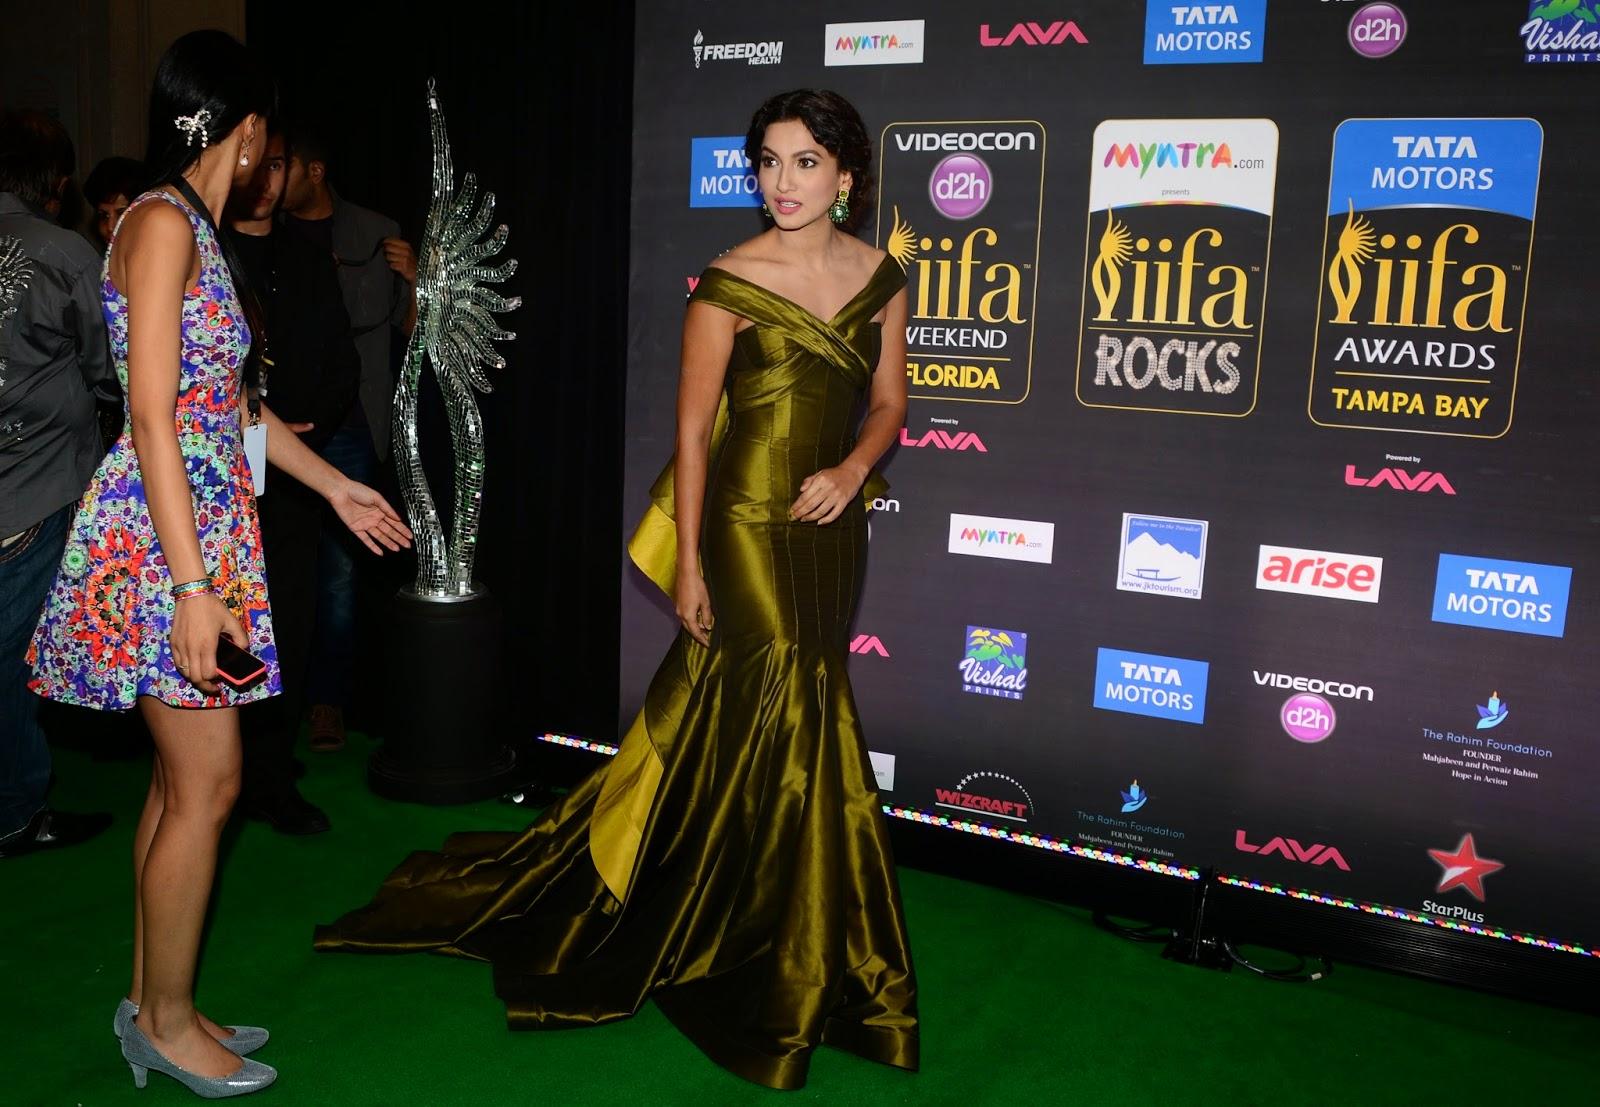 2014 IIFA Awards, Actress, Award Show, Bollywood, Bollywood actress, Entertainment, Gauhar Khan, Gauhar Khan Pictures, IIFA, IIFA Awards, IIFA Pictures, IIFA Rocks, International Indian Film Academy, Tampa,